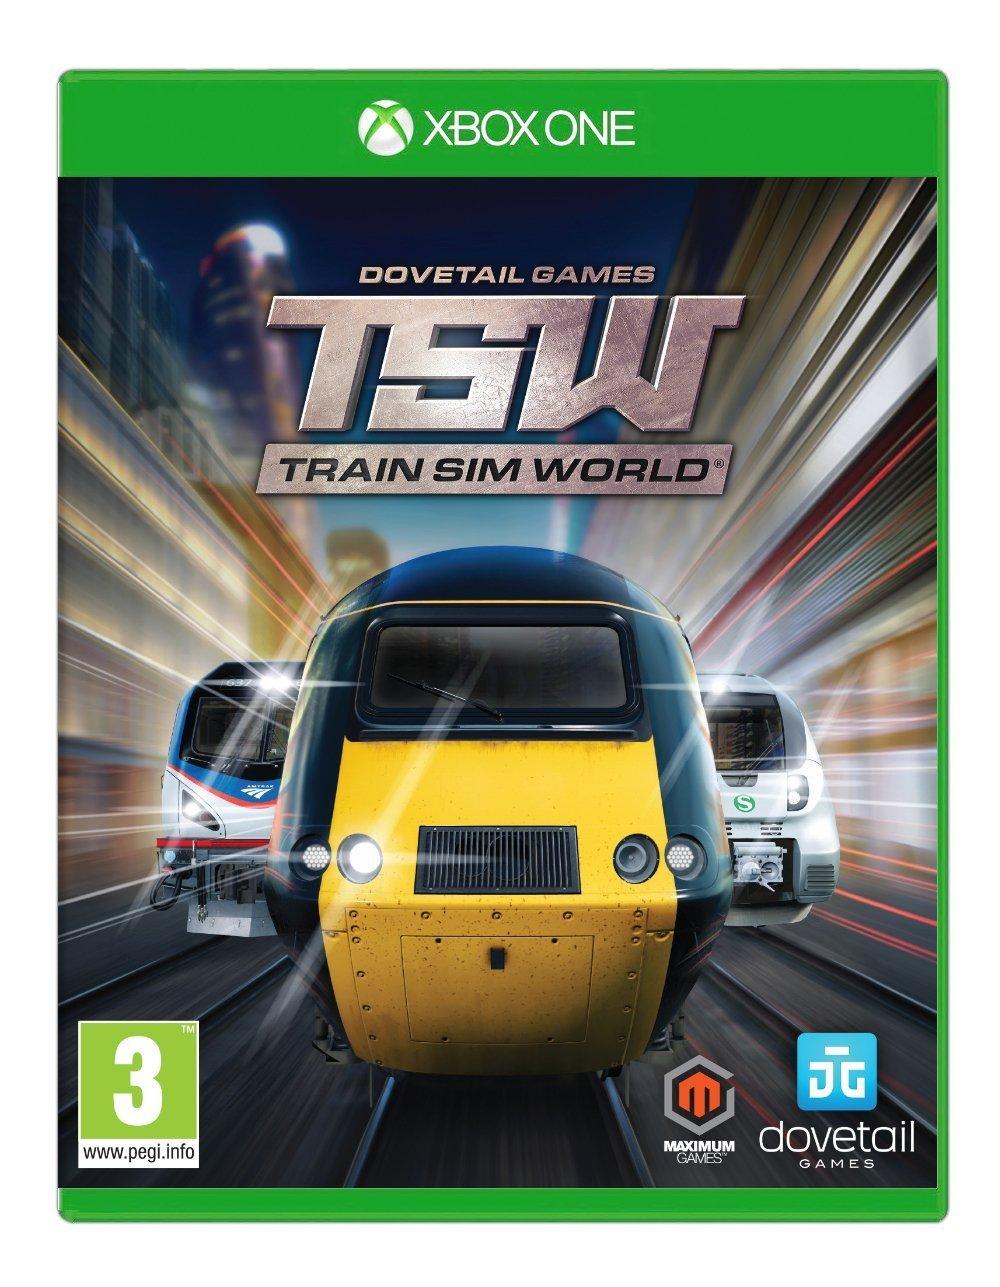 Train Sim World (Xbox One) (UK IMPORT) by Maximum Games (Image #1)